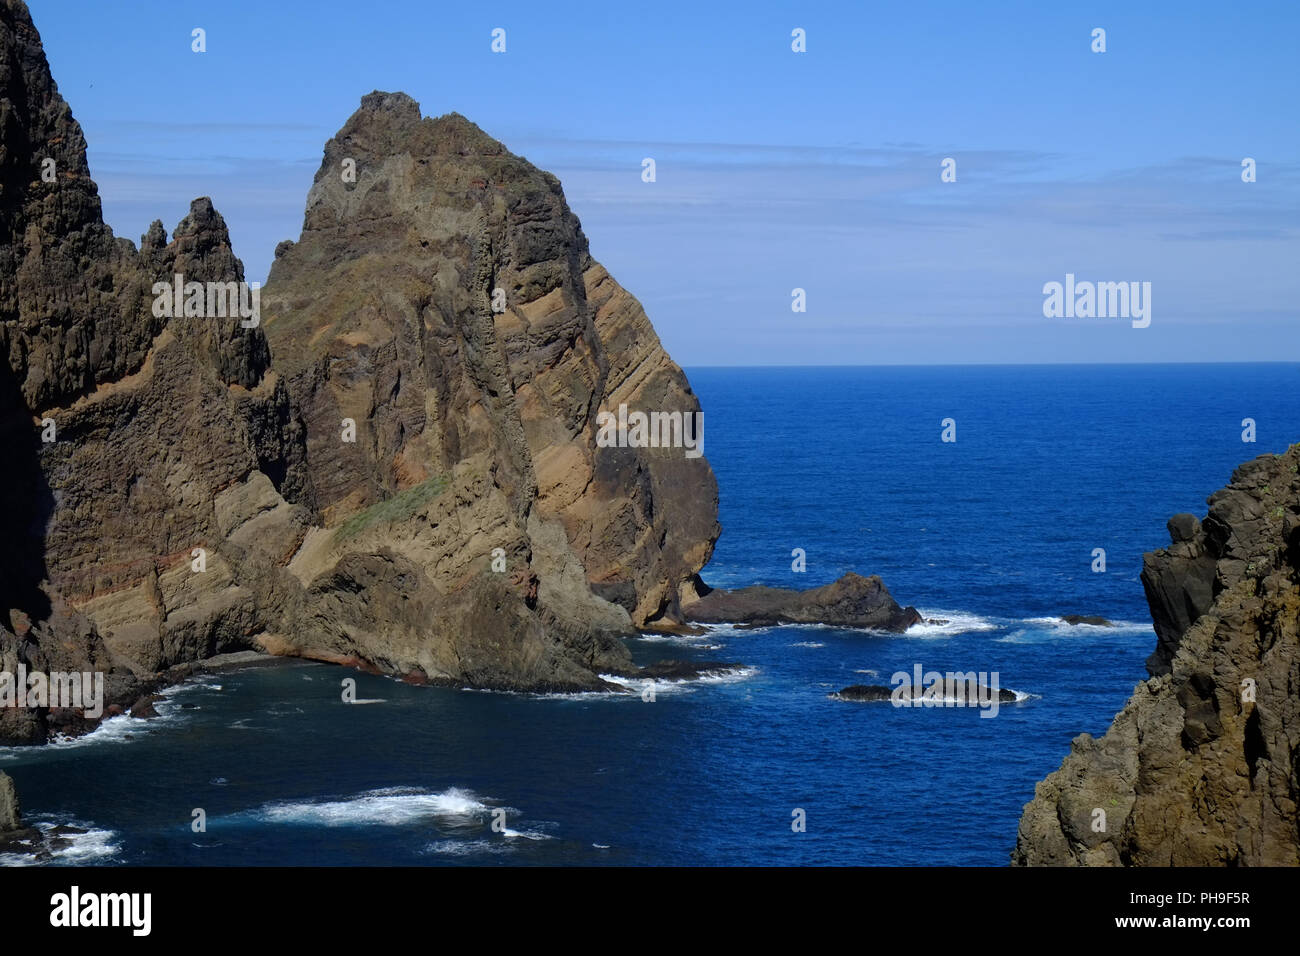 Madeira, Northeast Coast, Ponta de Sao Lourenco - Stock Image